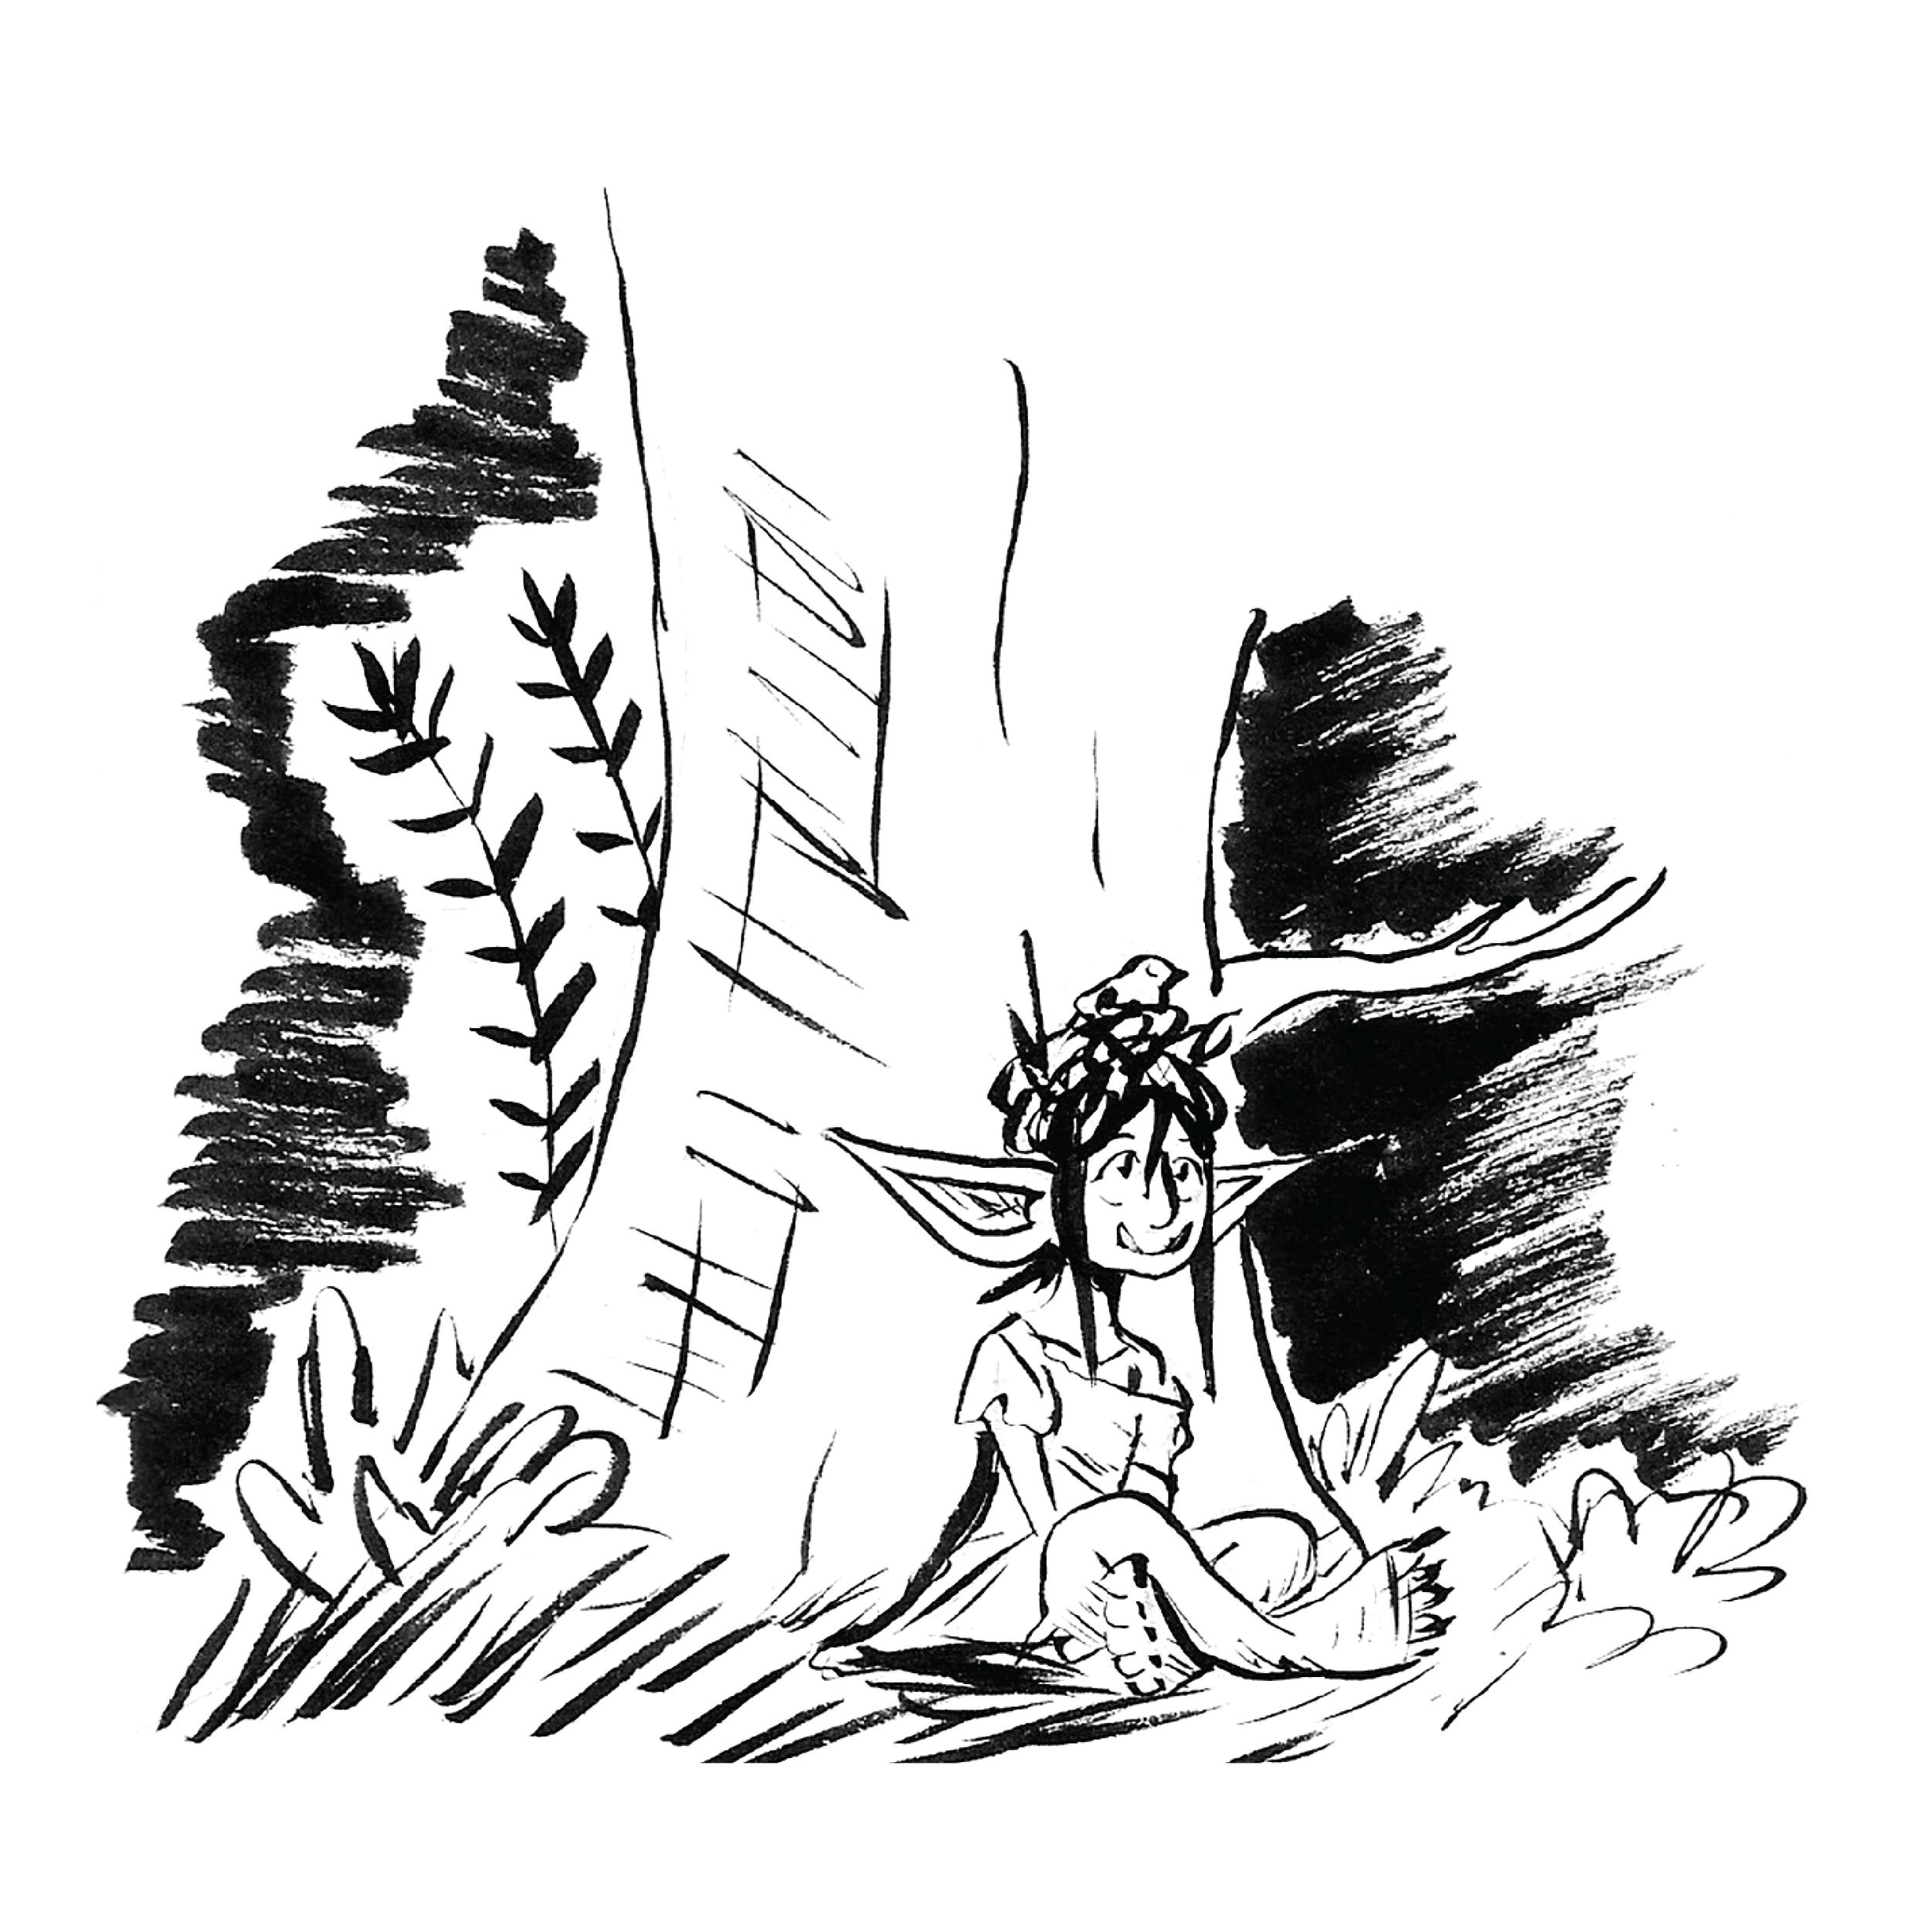 Druid Grove